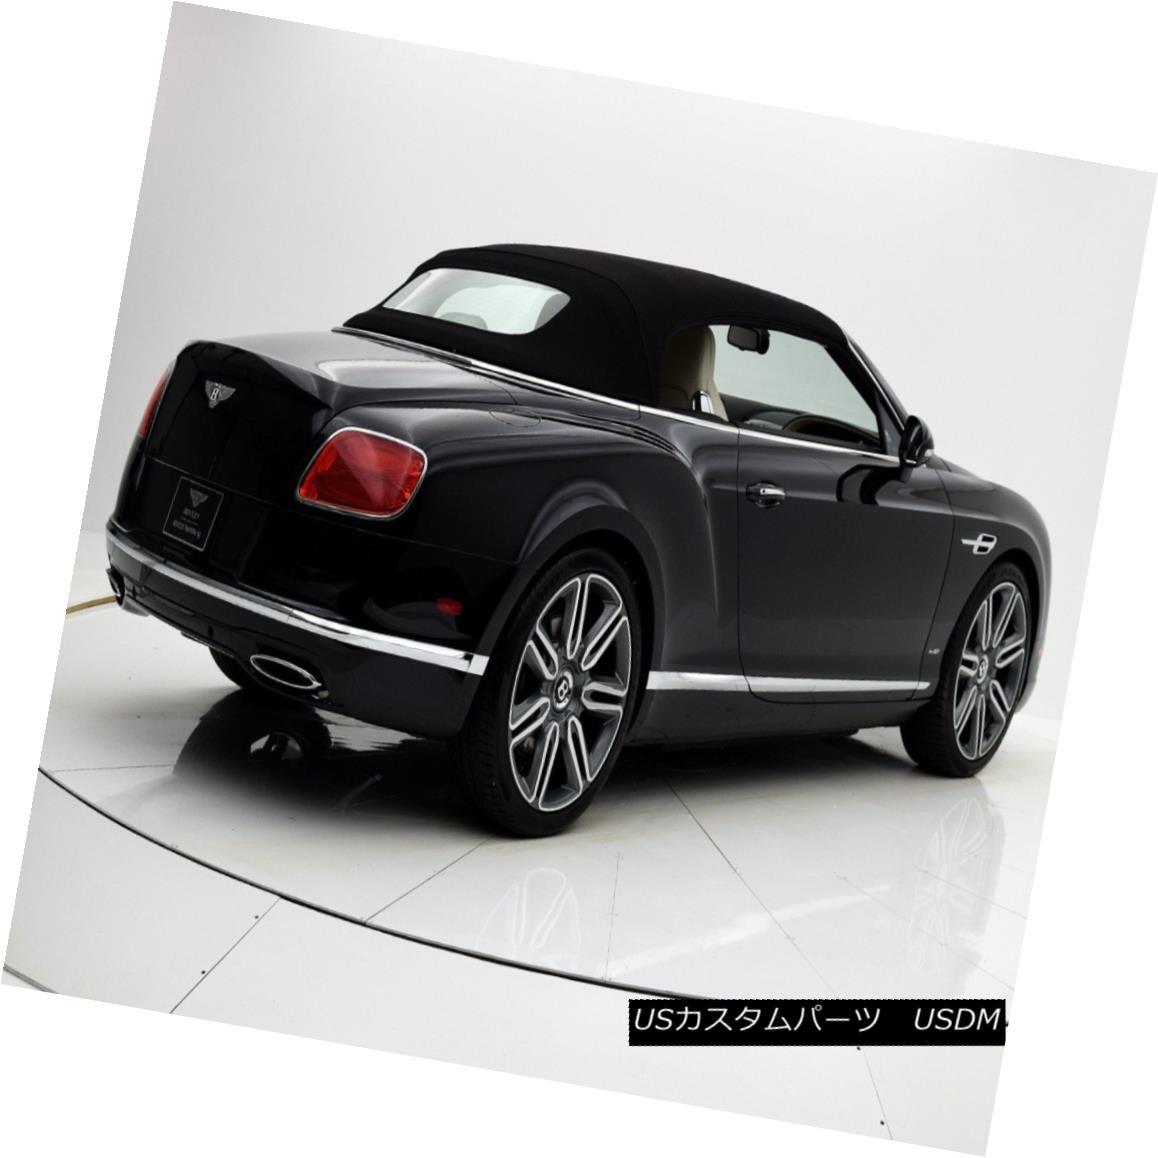 幌・ソフトトップ 2007-2014 Bentley GT/GTC Replacement Convertible Soft Top - Black Twillfast RPC 2007-2014ベントレーGT / GTC交換用ソフトトップ - ブラックツイルファーストRPC